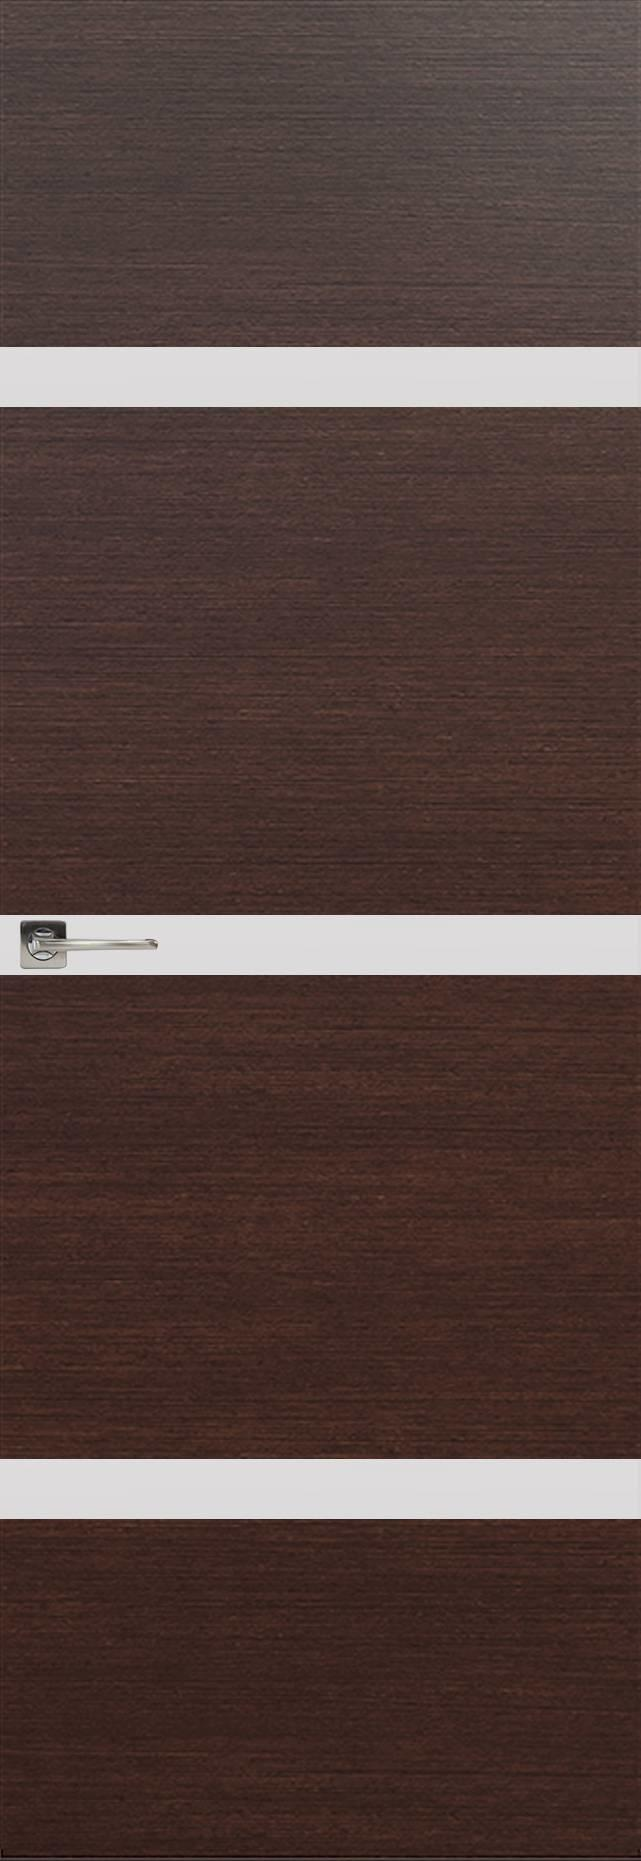 Tivoli Г-4 Invisible цвет - Венге Без стекла (ДГ)